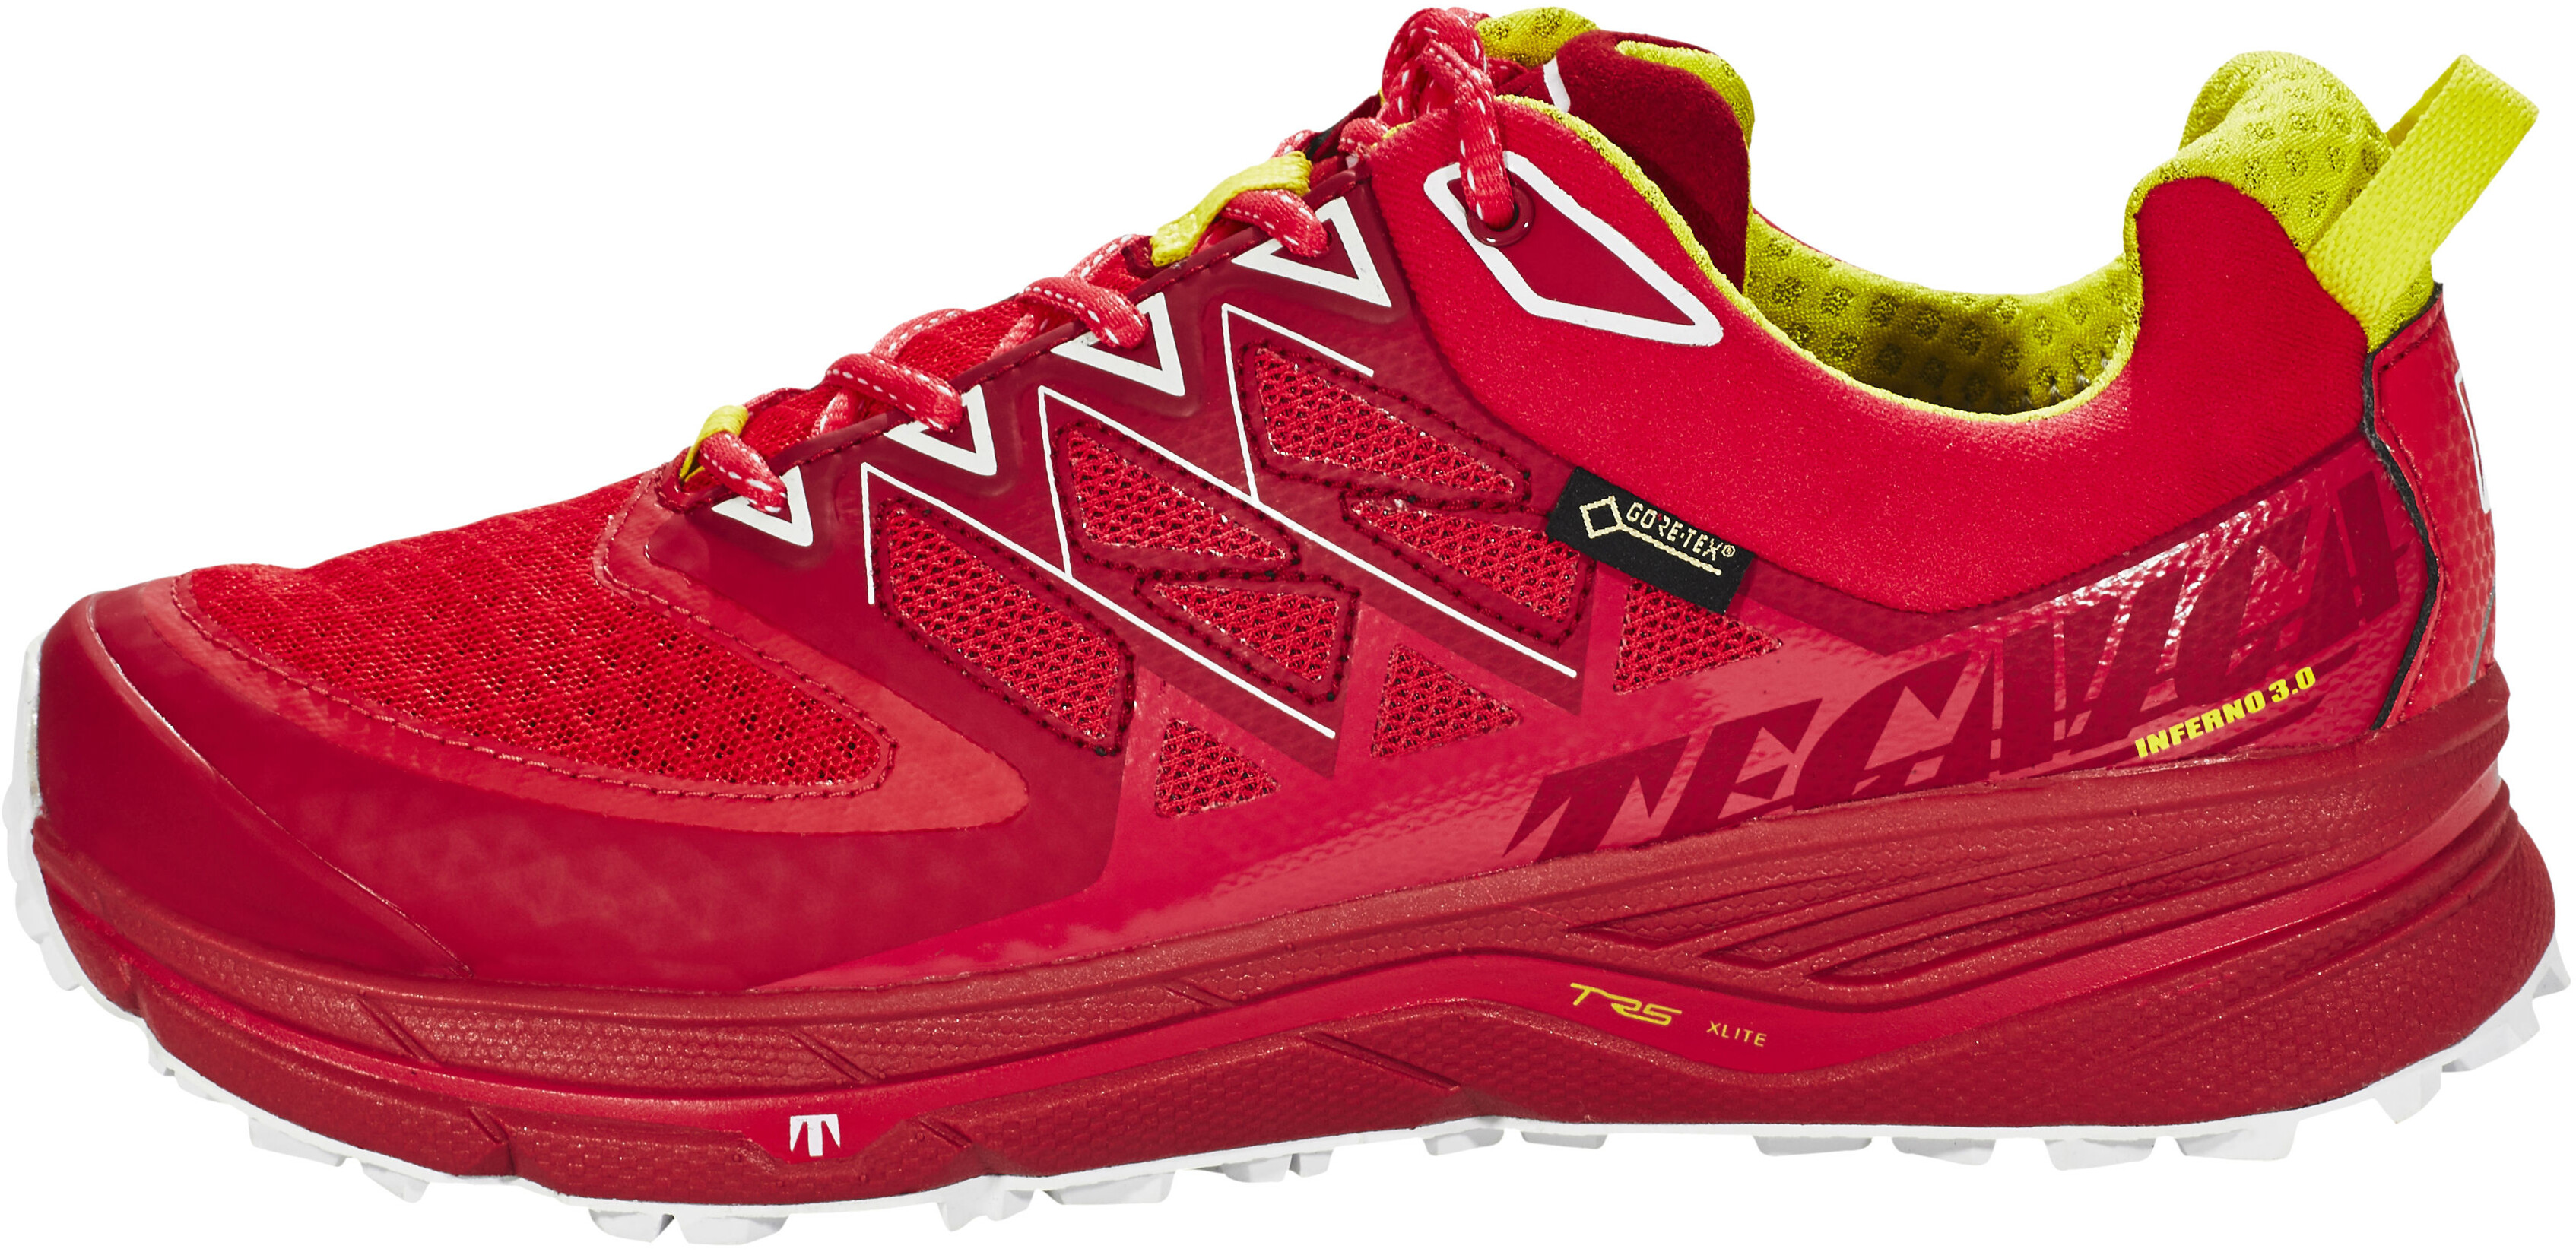 89512a07 Tecnica Inferno Xlite 3.0 GTX Buty do biegania Kobiety czerwony/biały